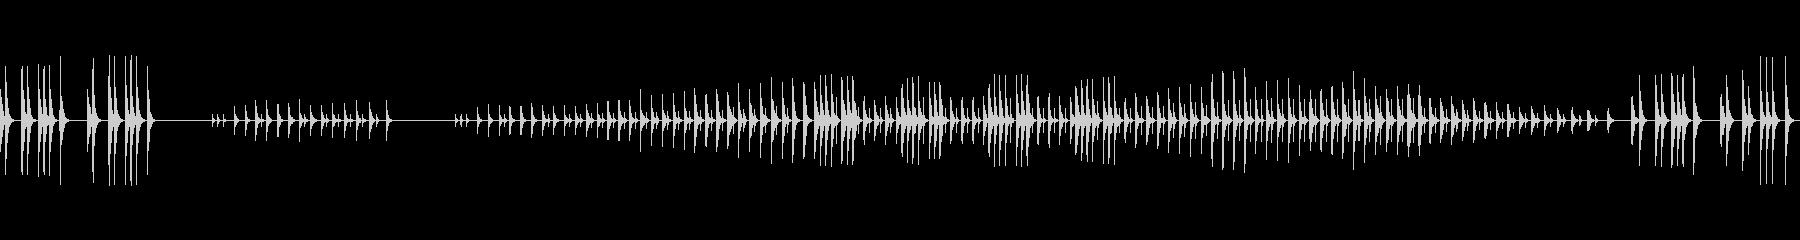 禅の世界-太鼓と木鼓の未再生の波形